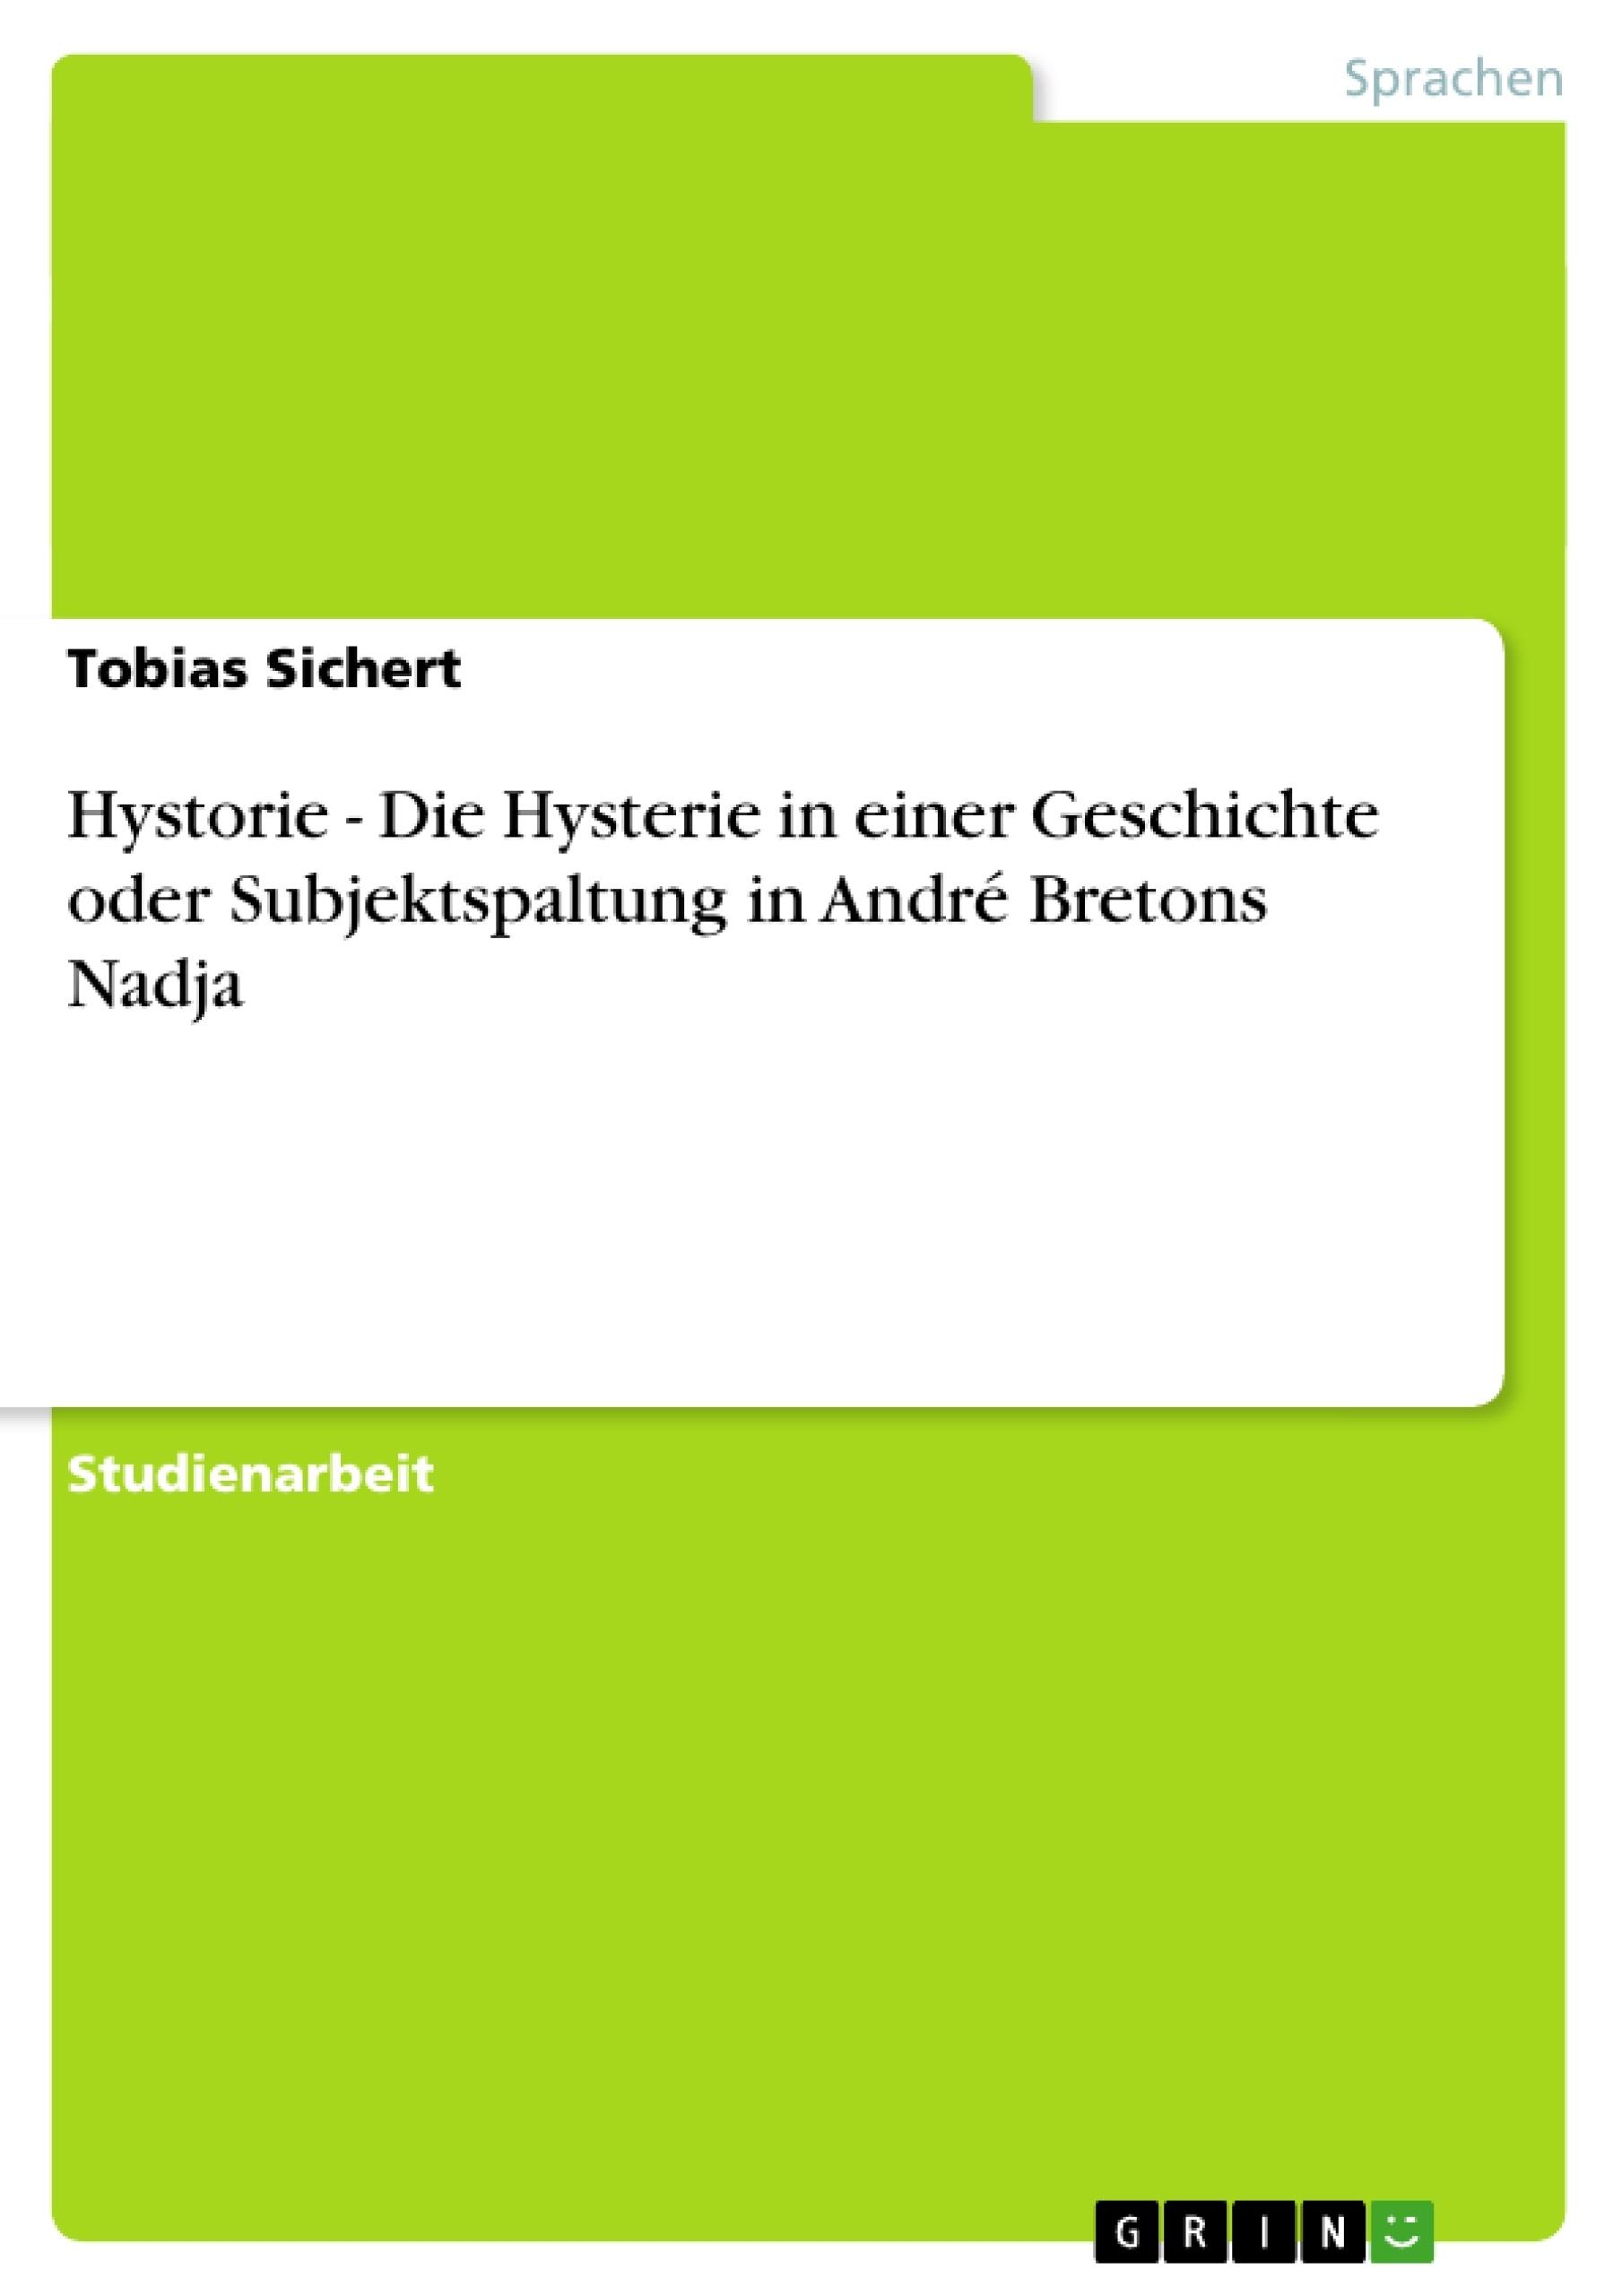 Titel: Hystorie - Die Hysterie in einer Geschichte oder Subjektspaltung in André Bretons Nadja